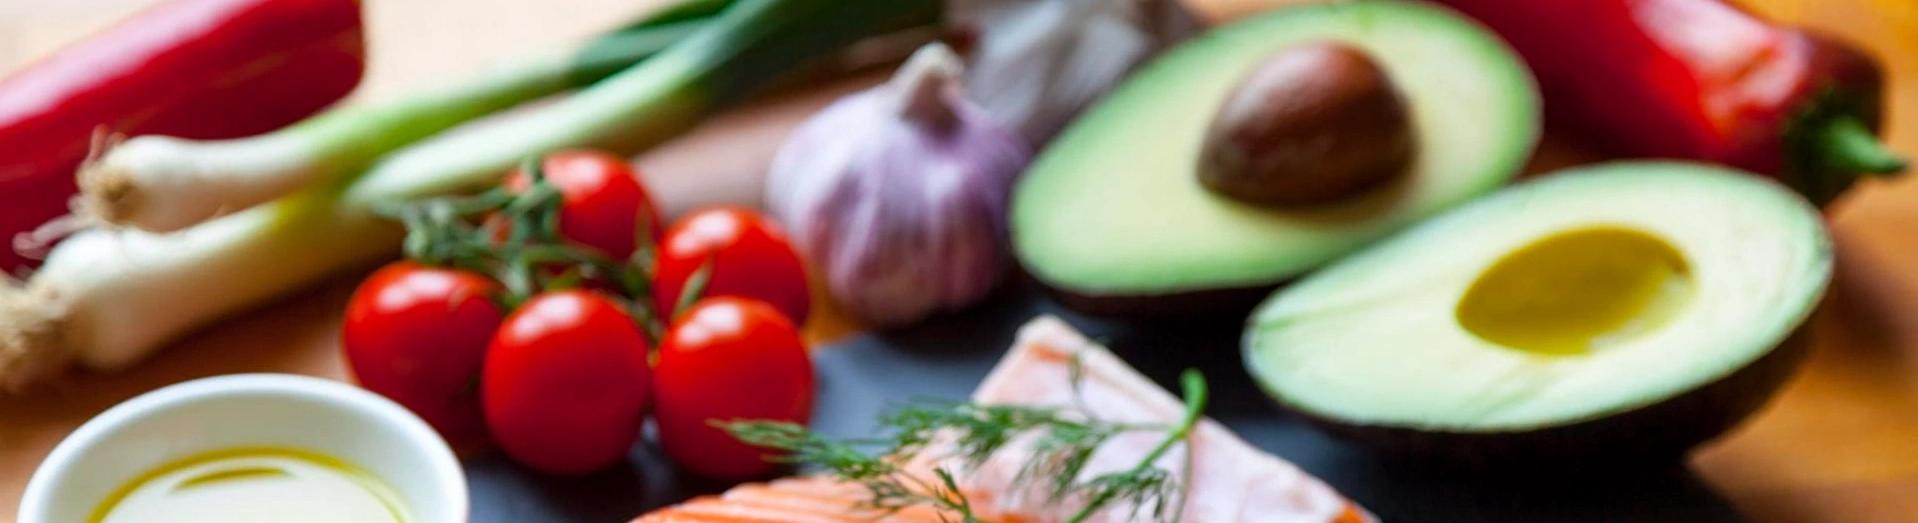 Сбалансированное питание помогает в борьбе с депрессией